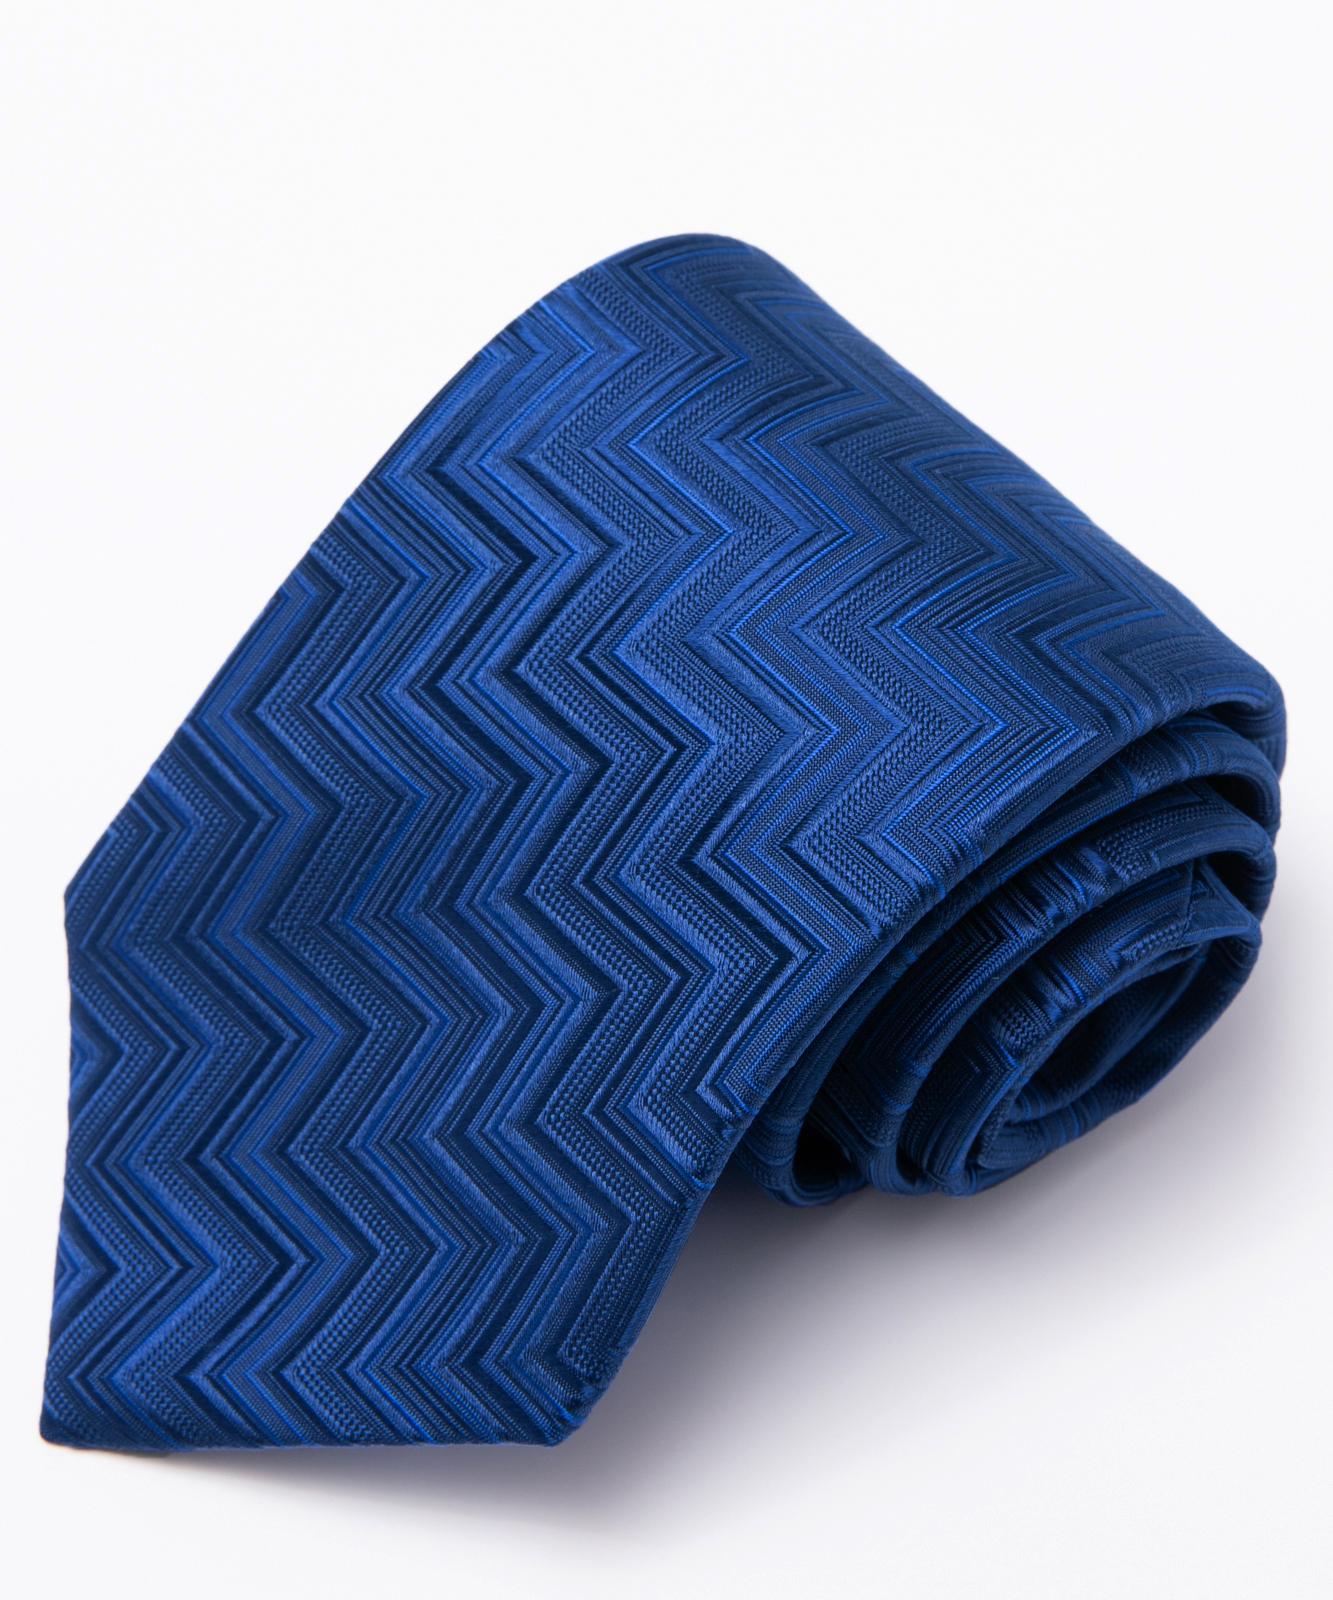 AZZURRO(アズーロ)ジオメトリックヘリンボーン:ブルー